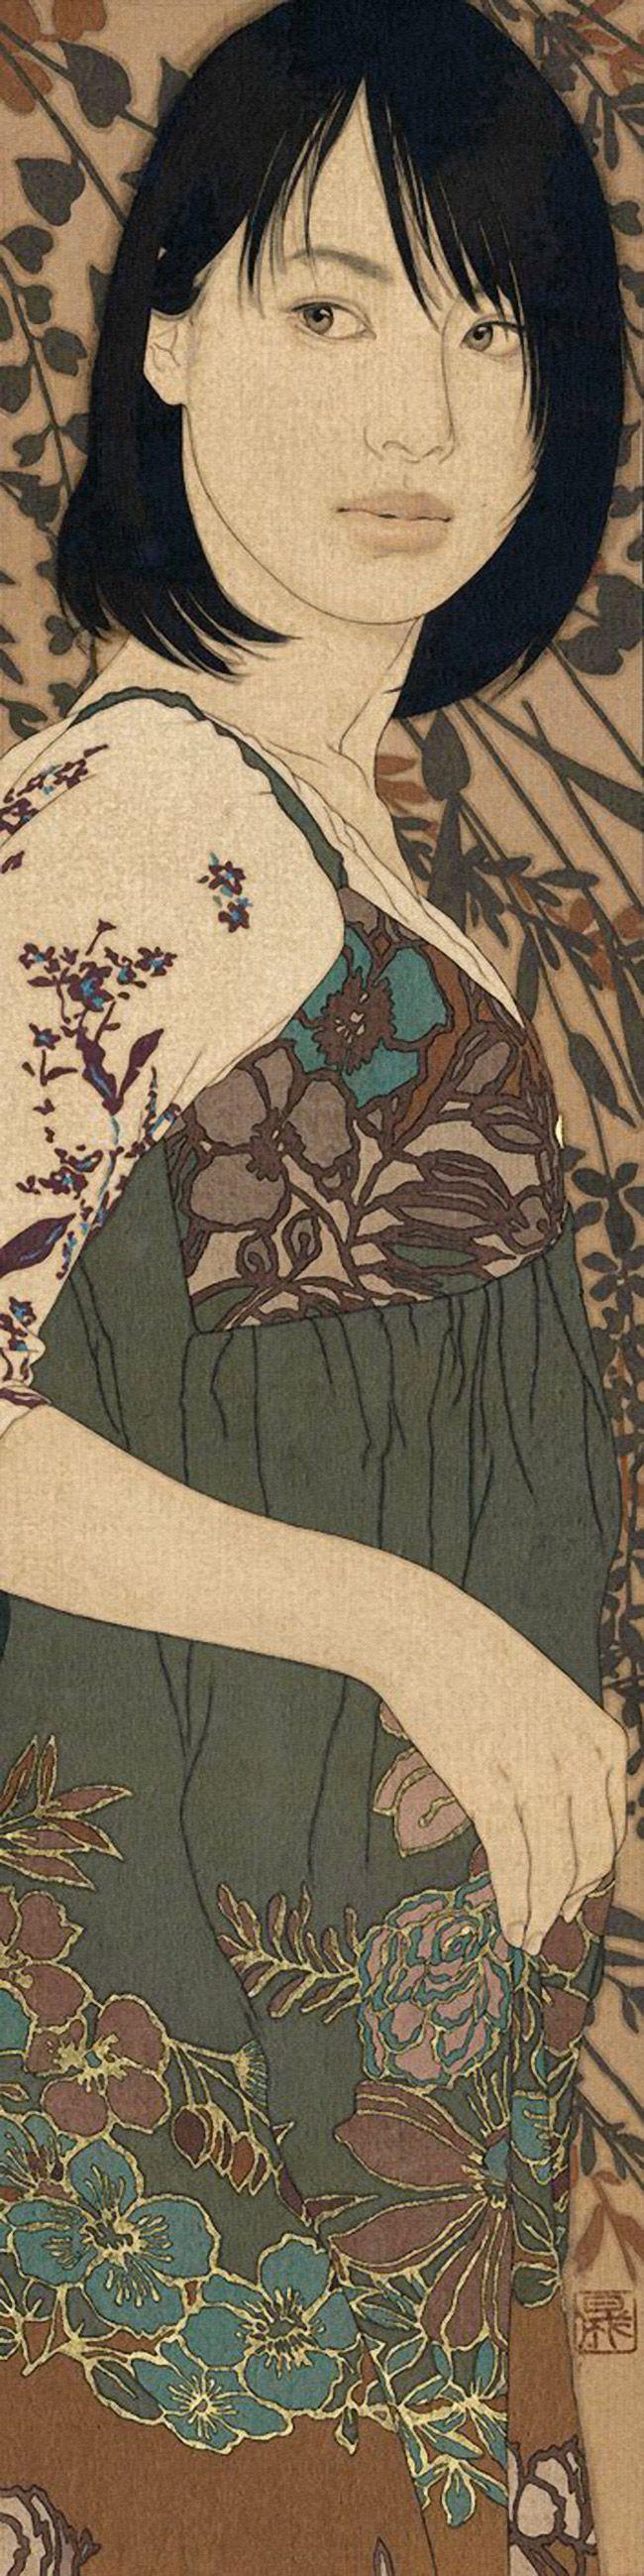 """""""水溜り"""" Emiko 067 - Ikenaga Yasunari (Japanese, b. 1965), mineral pigments, hide glue, soot ink on linen canvas, 2010 {figurative art beautiful Japanese female asian woman mixed-media painting #loveart} ikenaga-yasunari.com"""